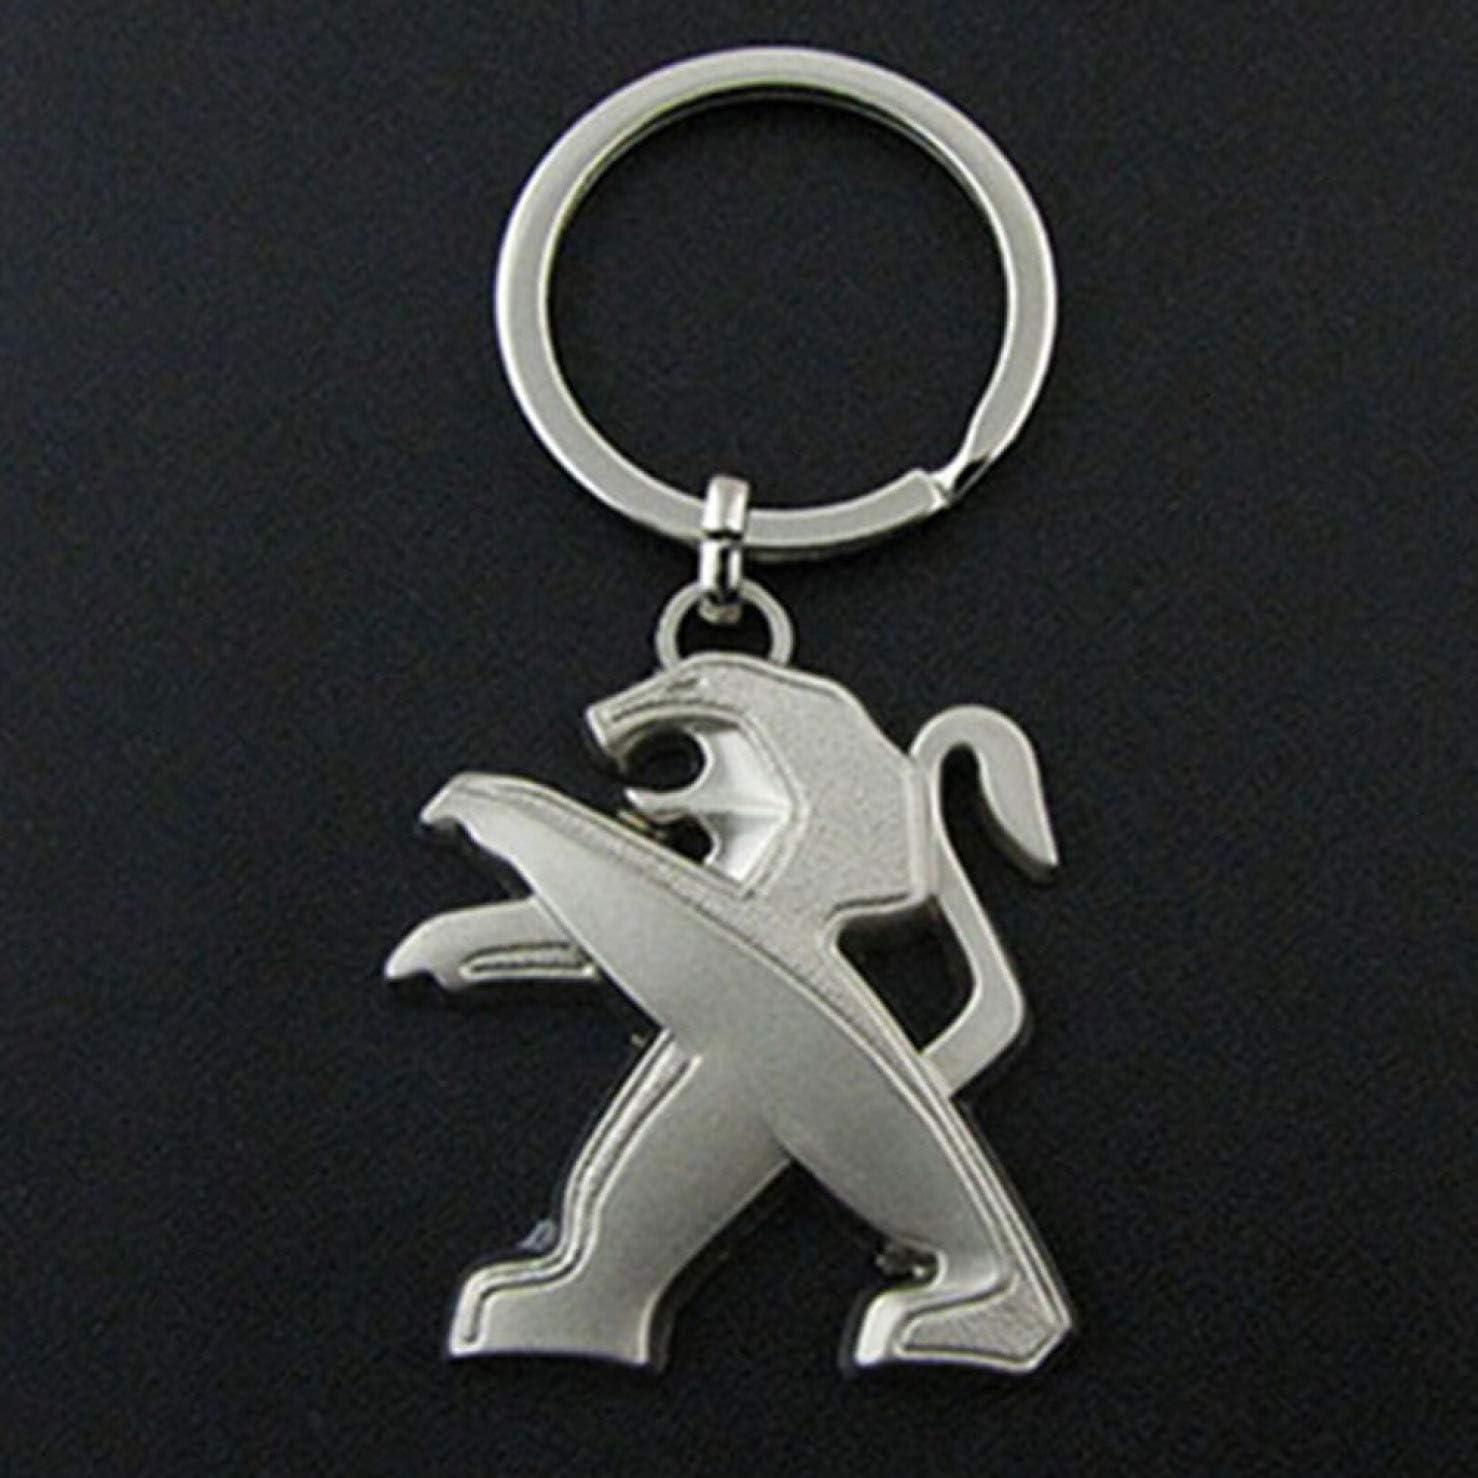 djryj Irr/éprochable 3D Creux S/érie Voiture Logo Porte-Cl/és Porte-Cl/és Bague Porte-Cl/és Cl/é Gousset pour Peugeot Grande Taille